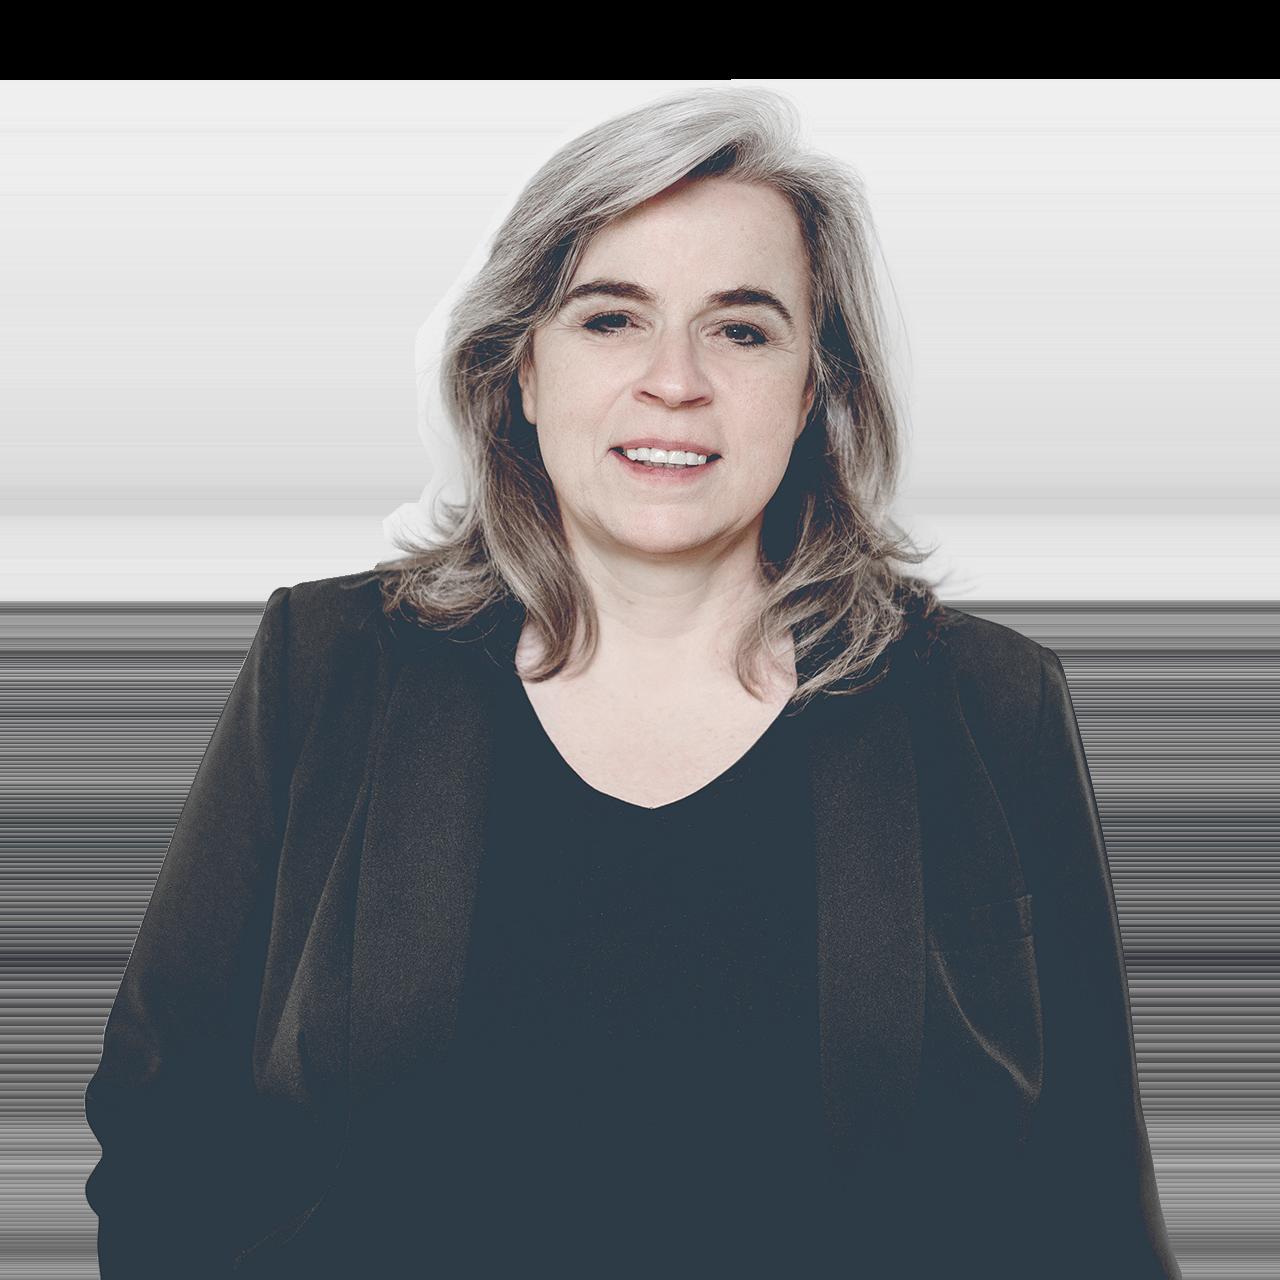 Lucia Riemer